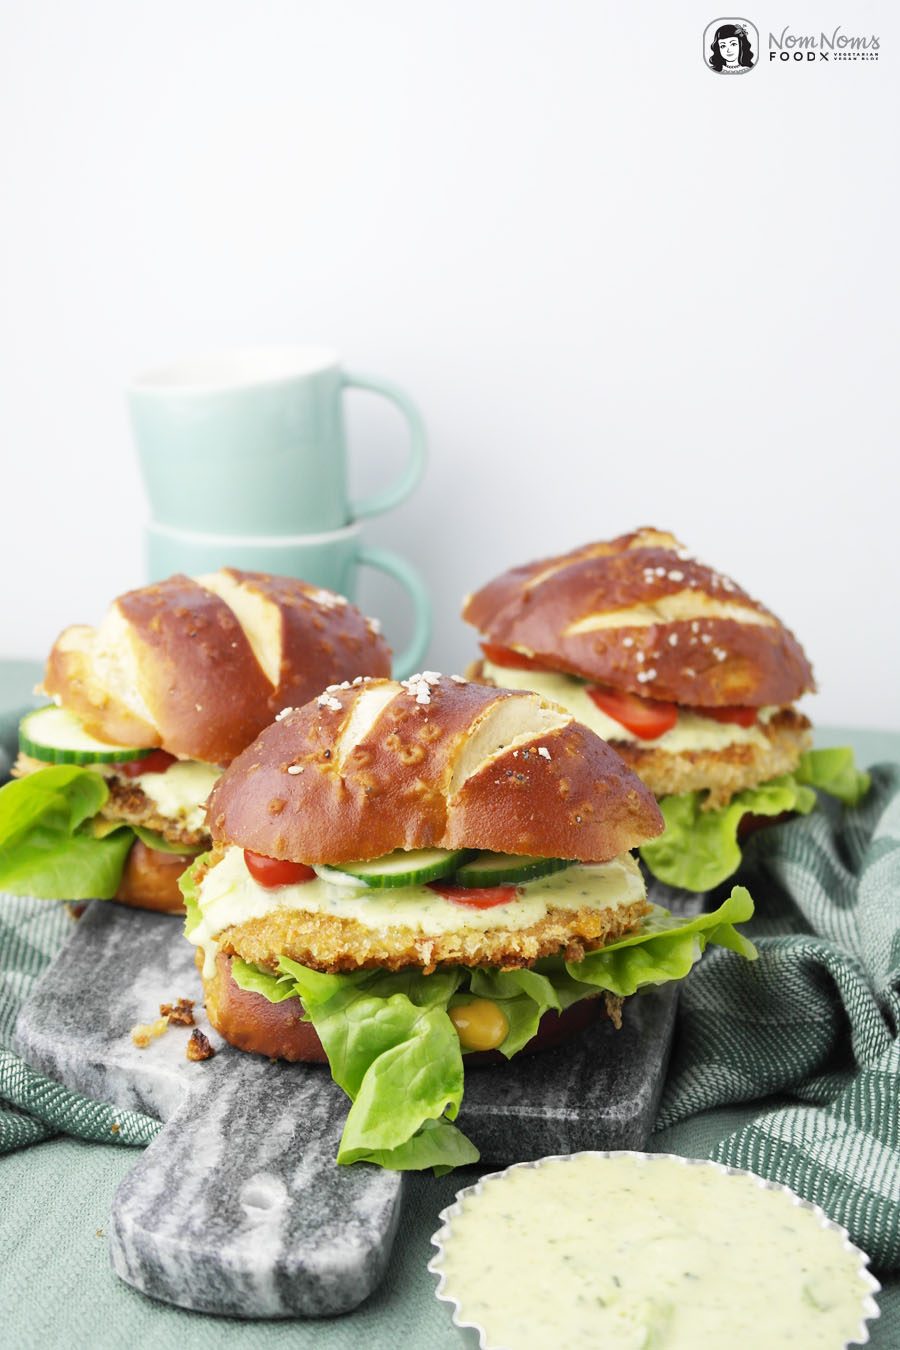 Kohlrabi-Schnitzel Burger-Brötchen mit Kräuter-Lauchzwiebel-Soße